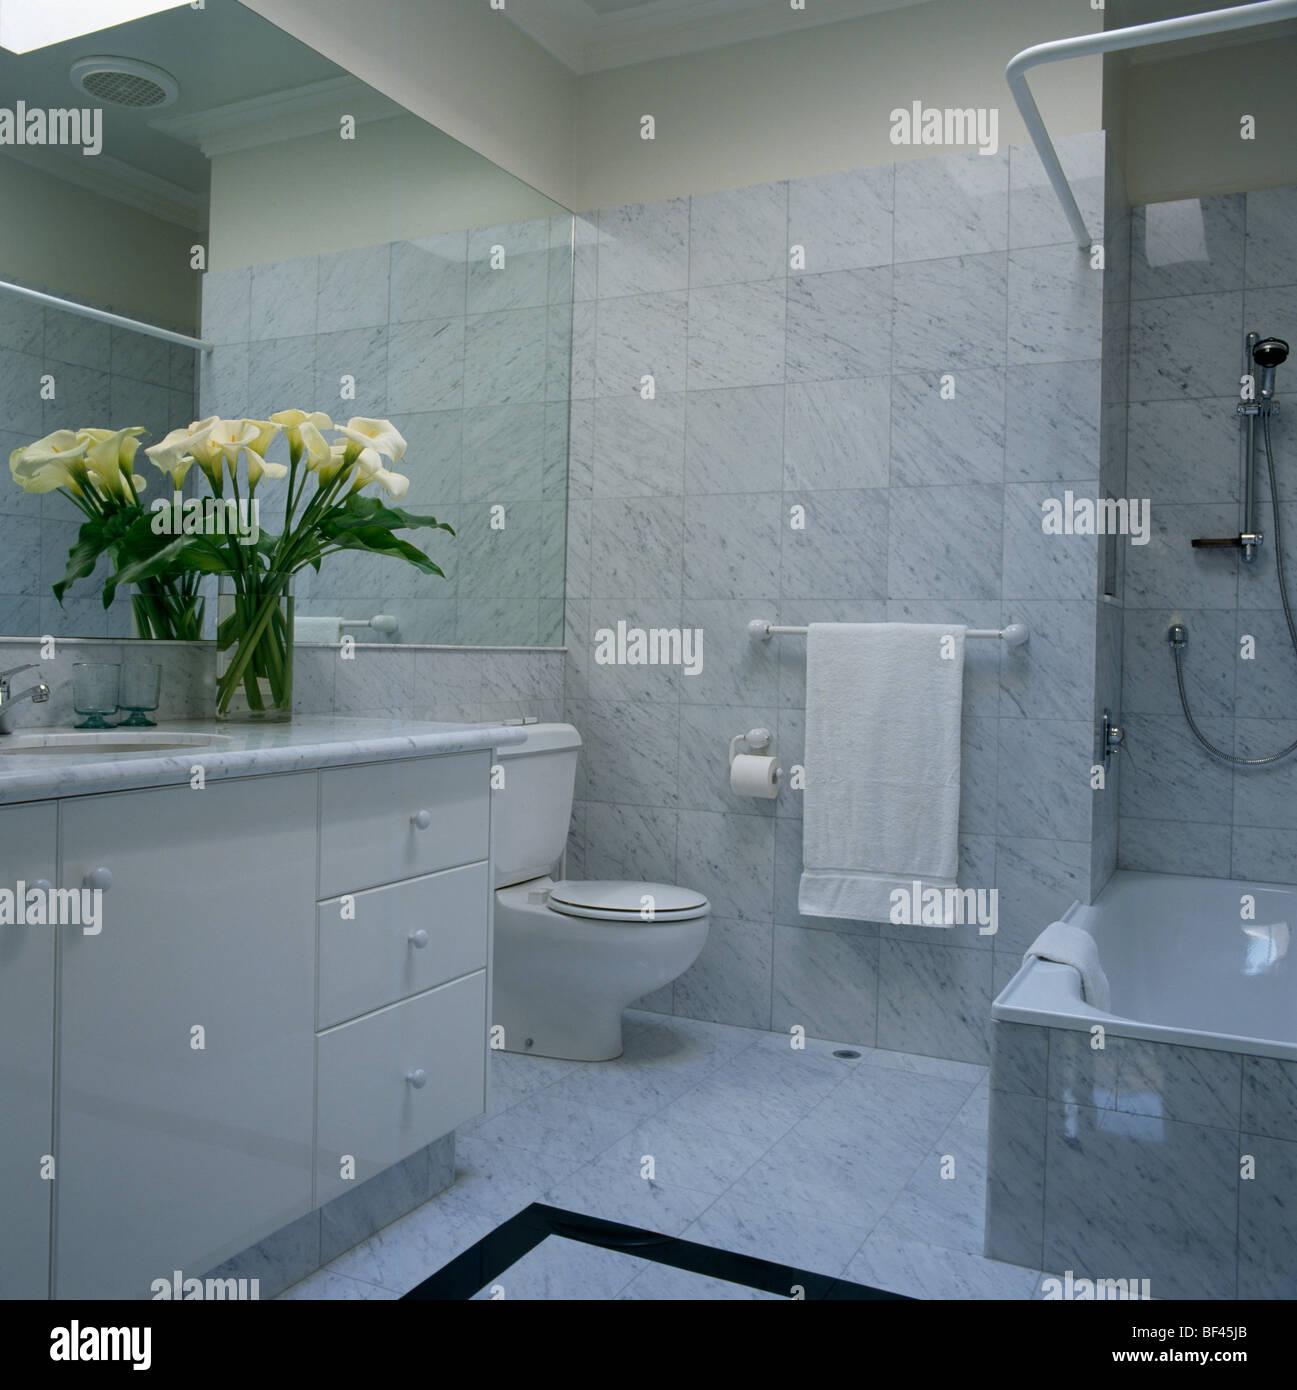 Moderne Marmor Geflieste Badezimmer Mit Weissen Arum Lilien Auf